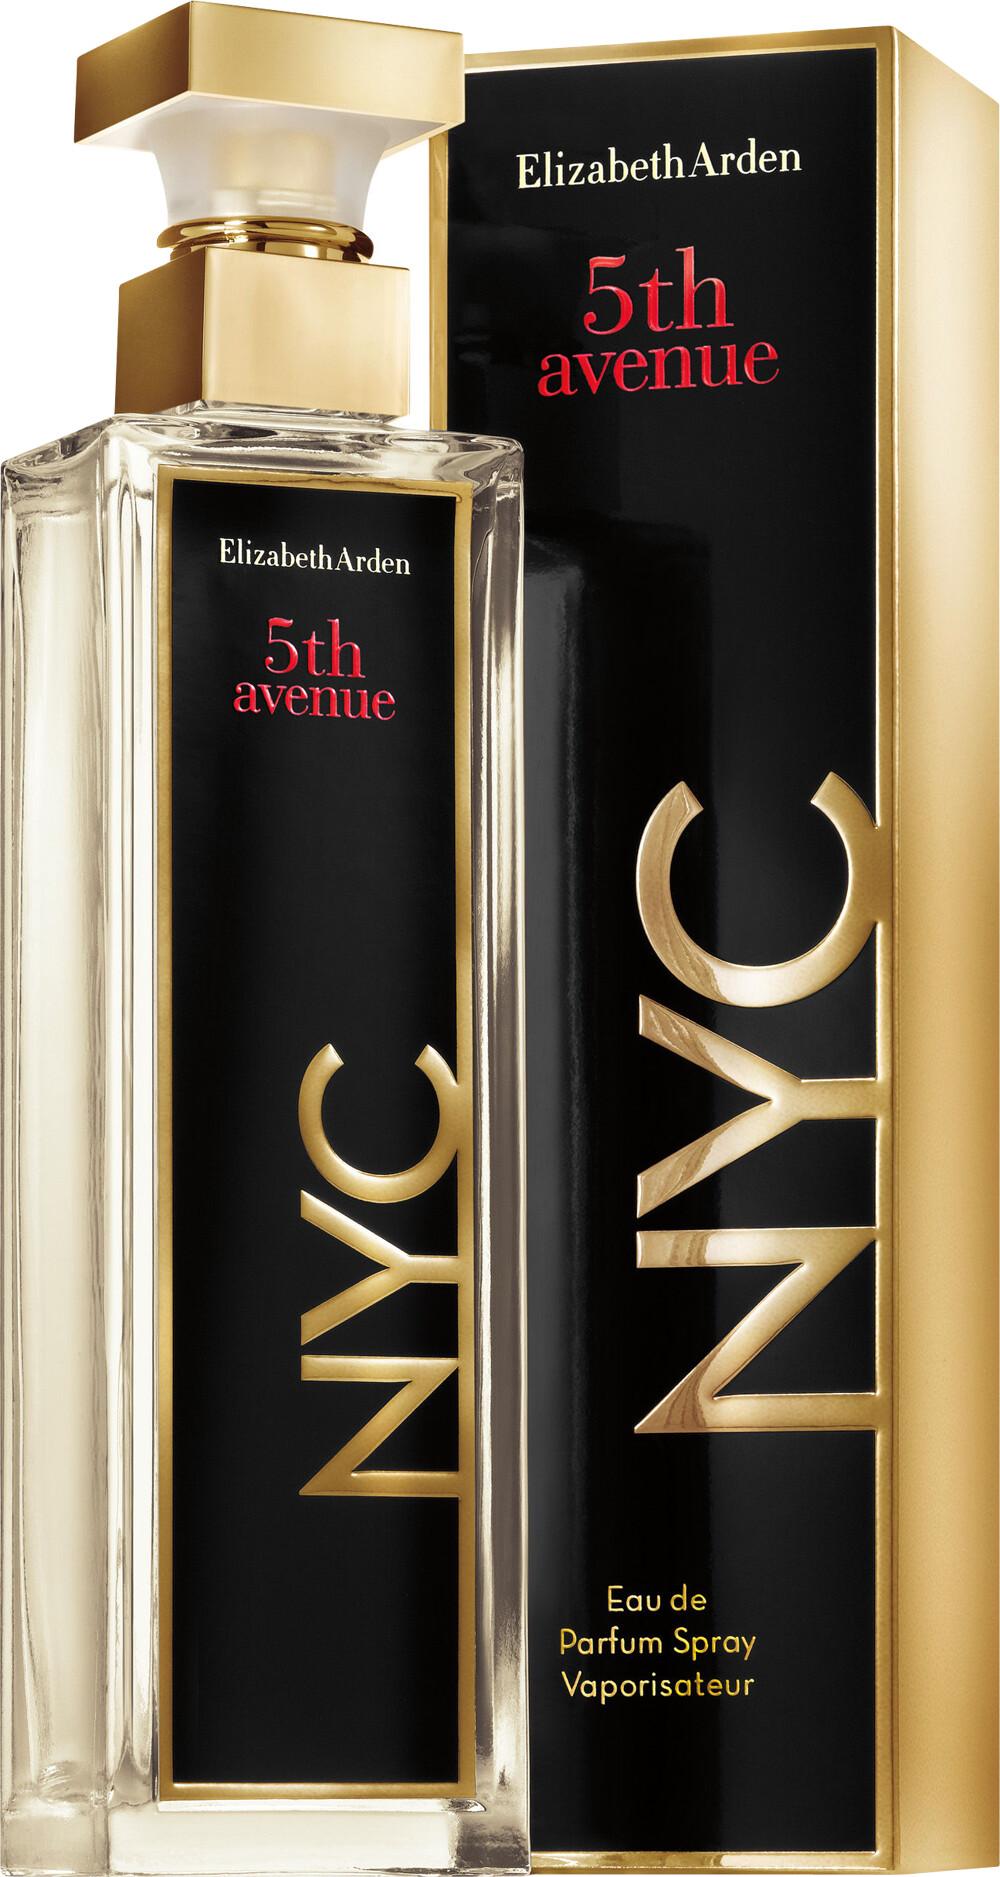 5c5a4cb7b ... Elizabeth Arden 5th Avenue New York City Eau de Parfum Spray 125ml with  box ...